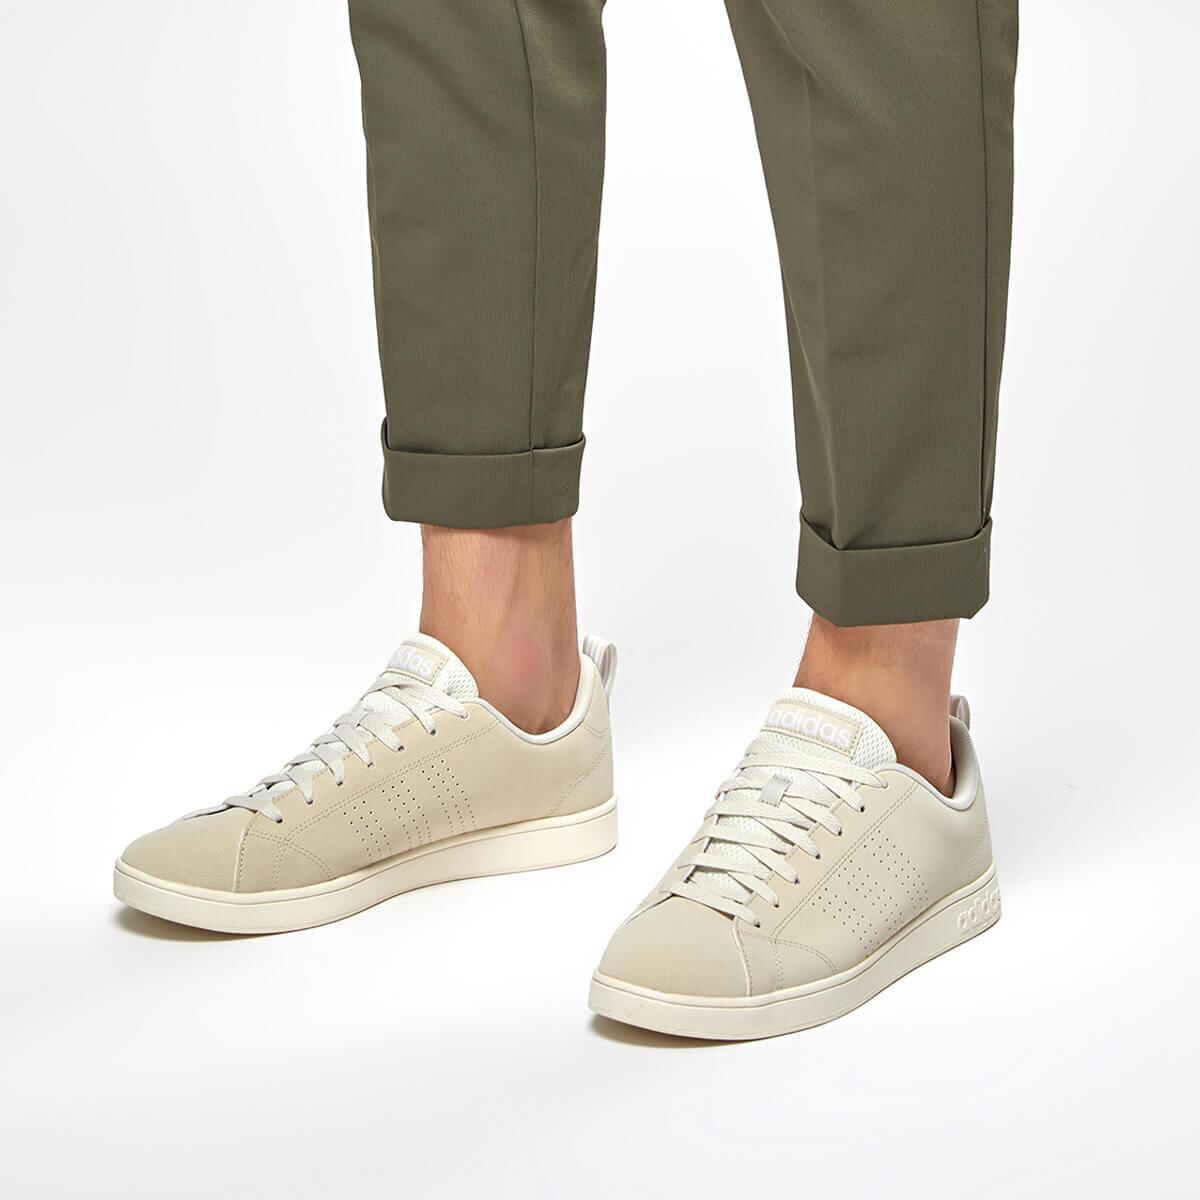 BEYAZ Erkek Tenis Ayakkabısı VS ADVANTAGE CL